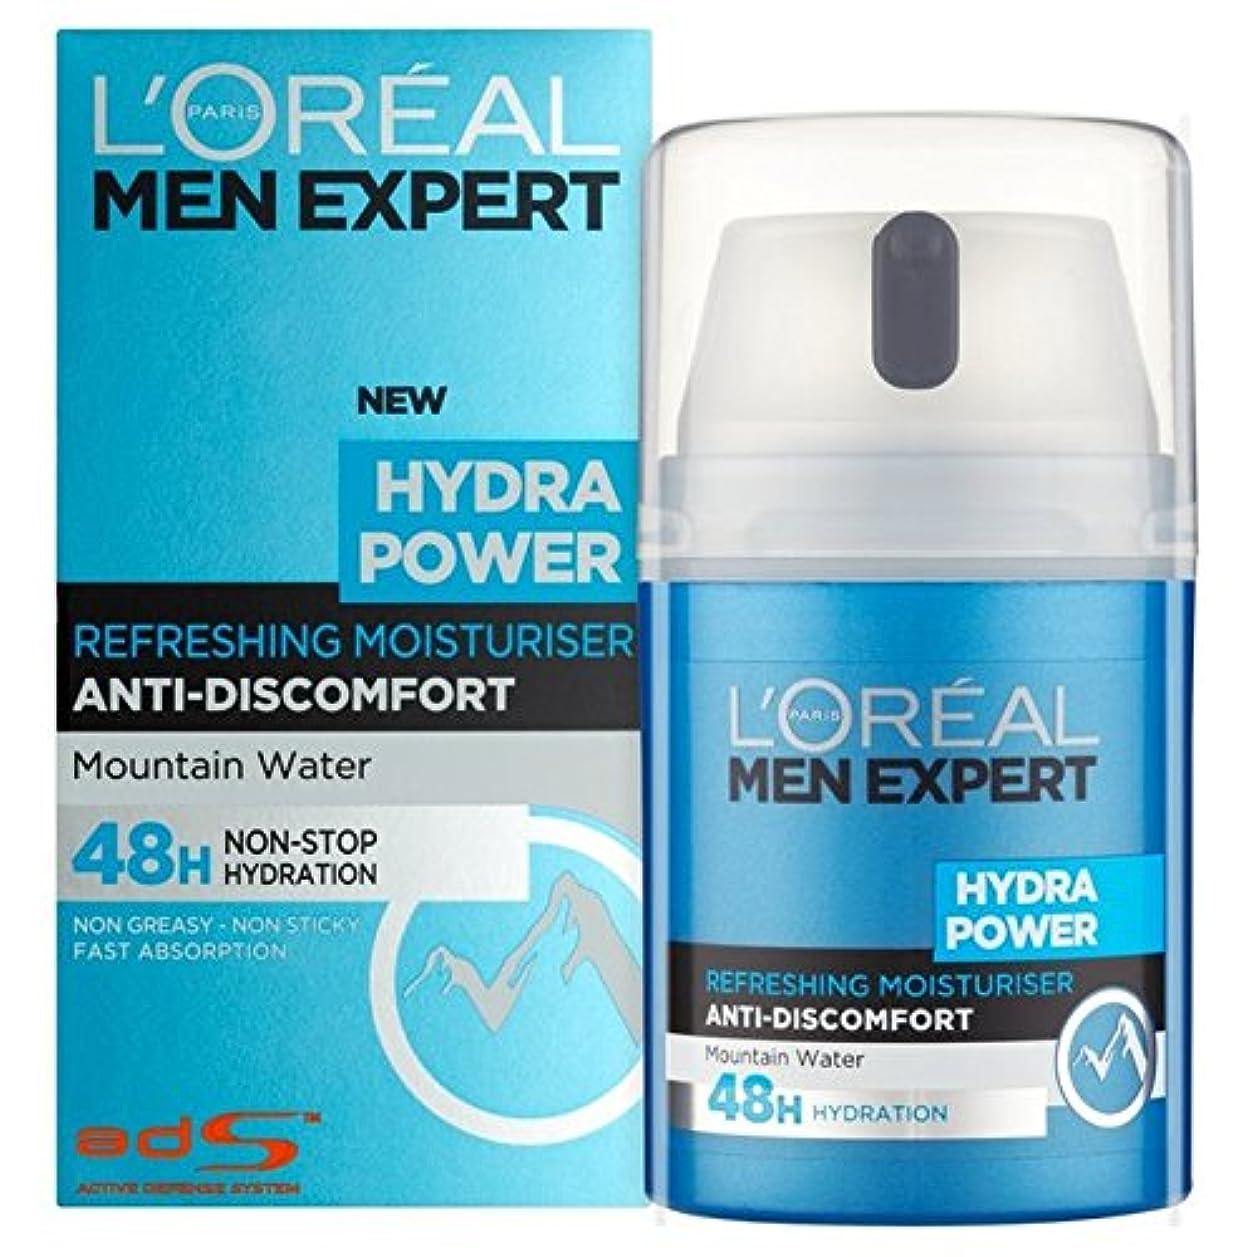 屈辱する払い戻し選出するL'Oreal Paris Men Expert Hydra Power Refreshing Moisturiser 50ml - ロレアルパリのメンズ専門ヒドラ電源爽やか保湿50ミリリットル [並行輸入品]